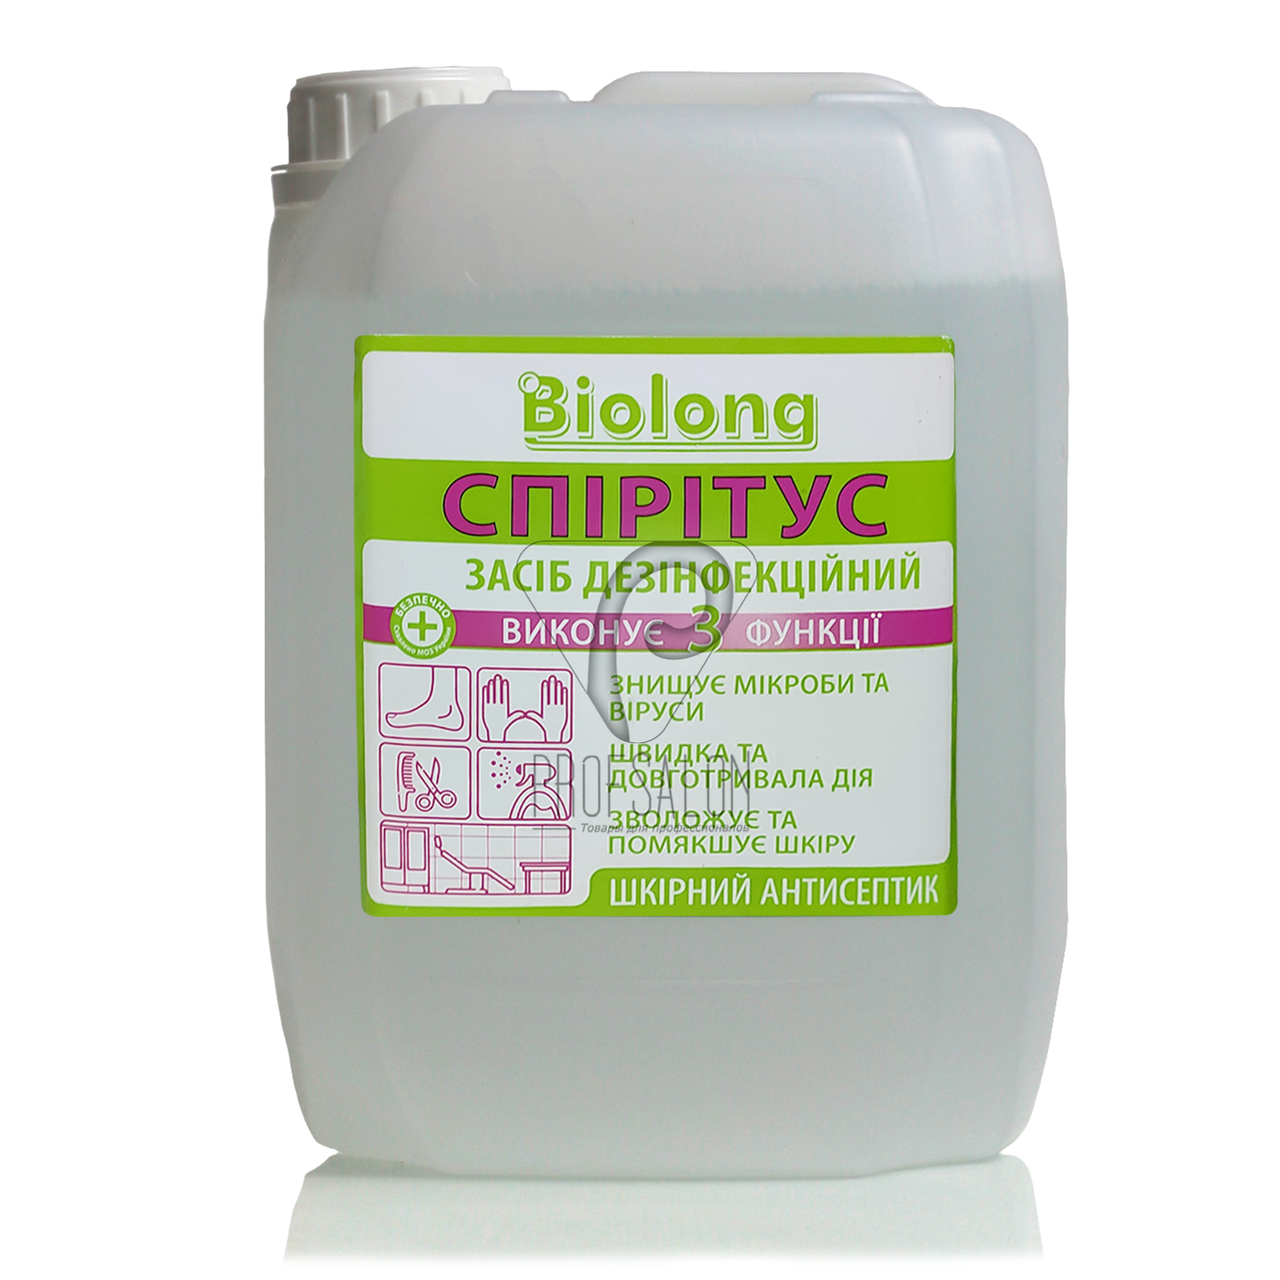 Биолонг Спиритус, спиртовый кожный антисептик, канистра, 5000 мл